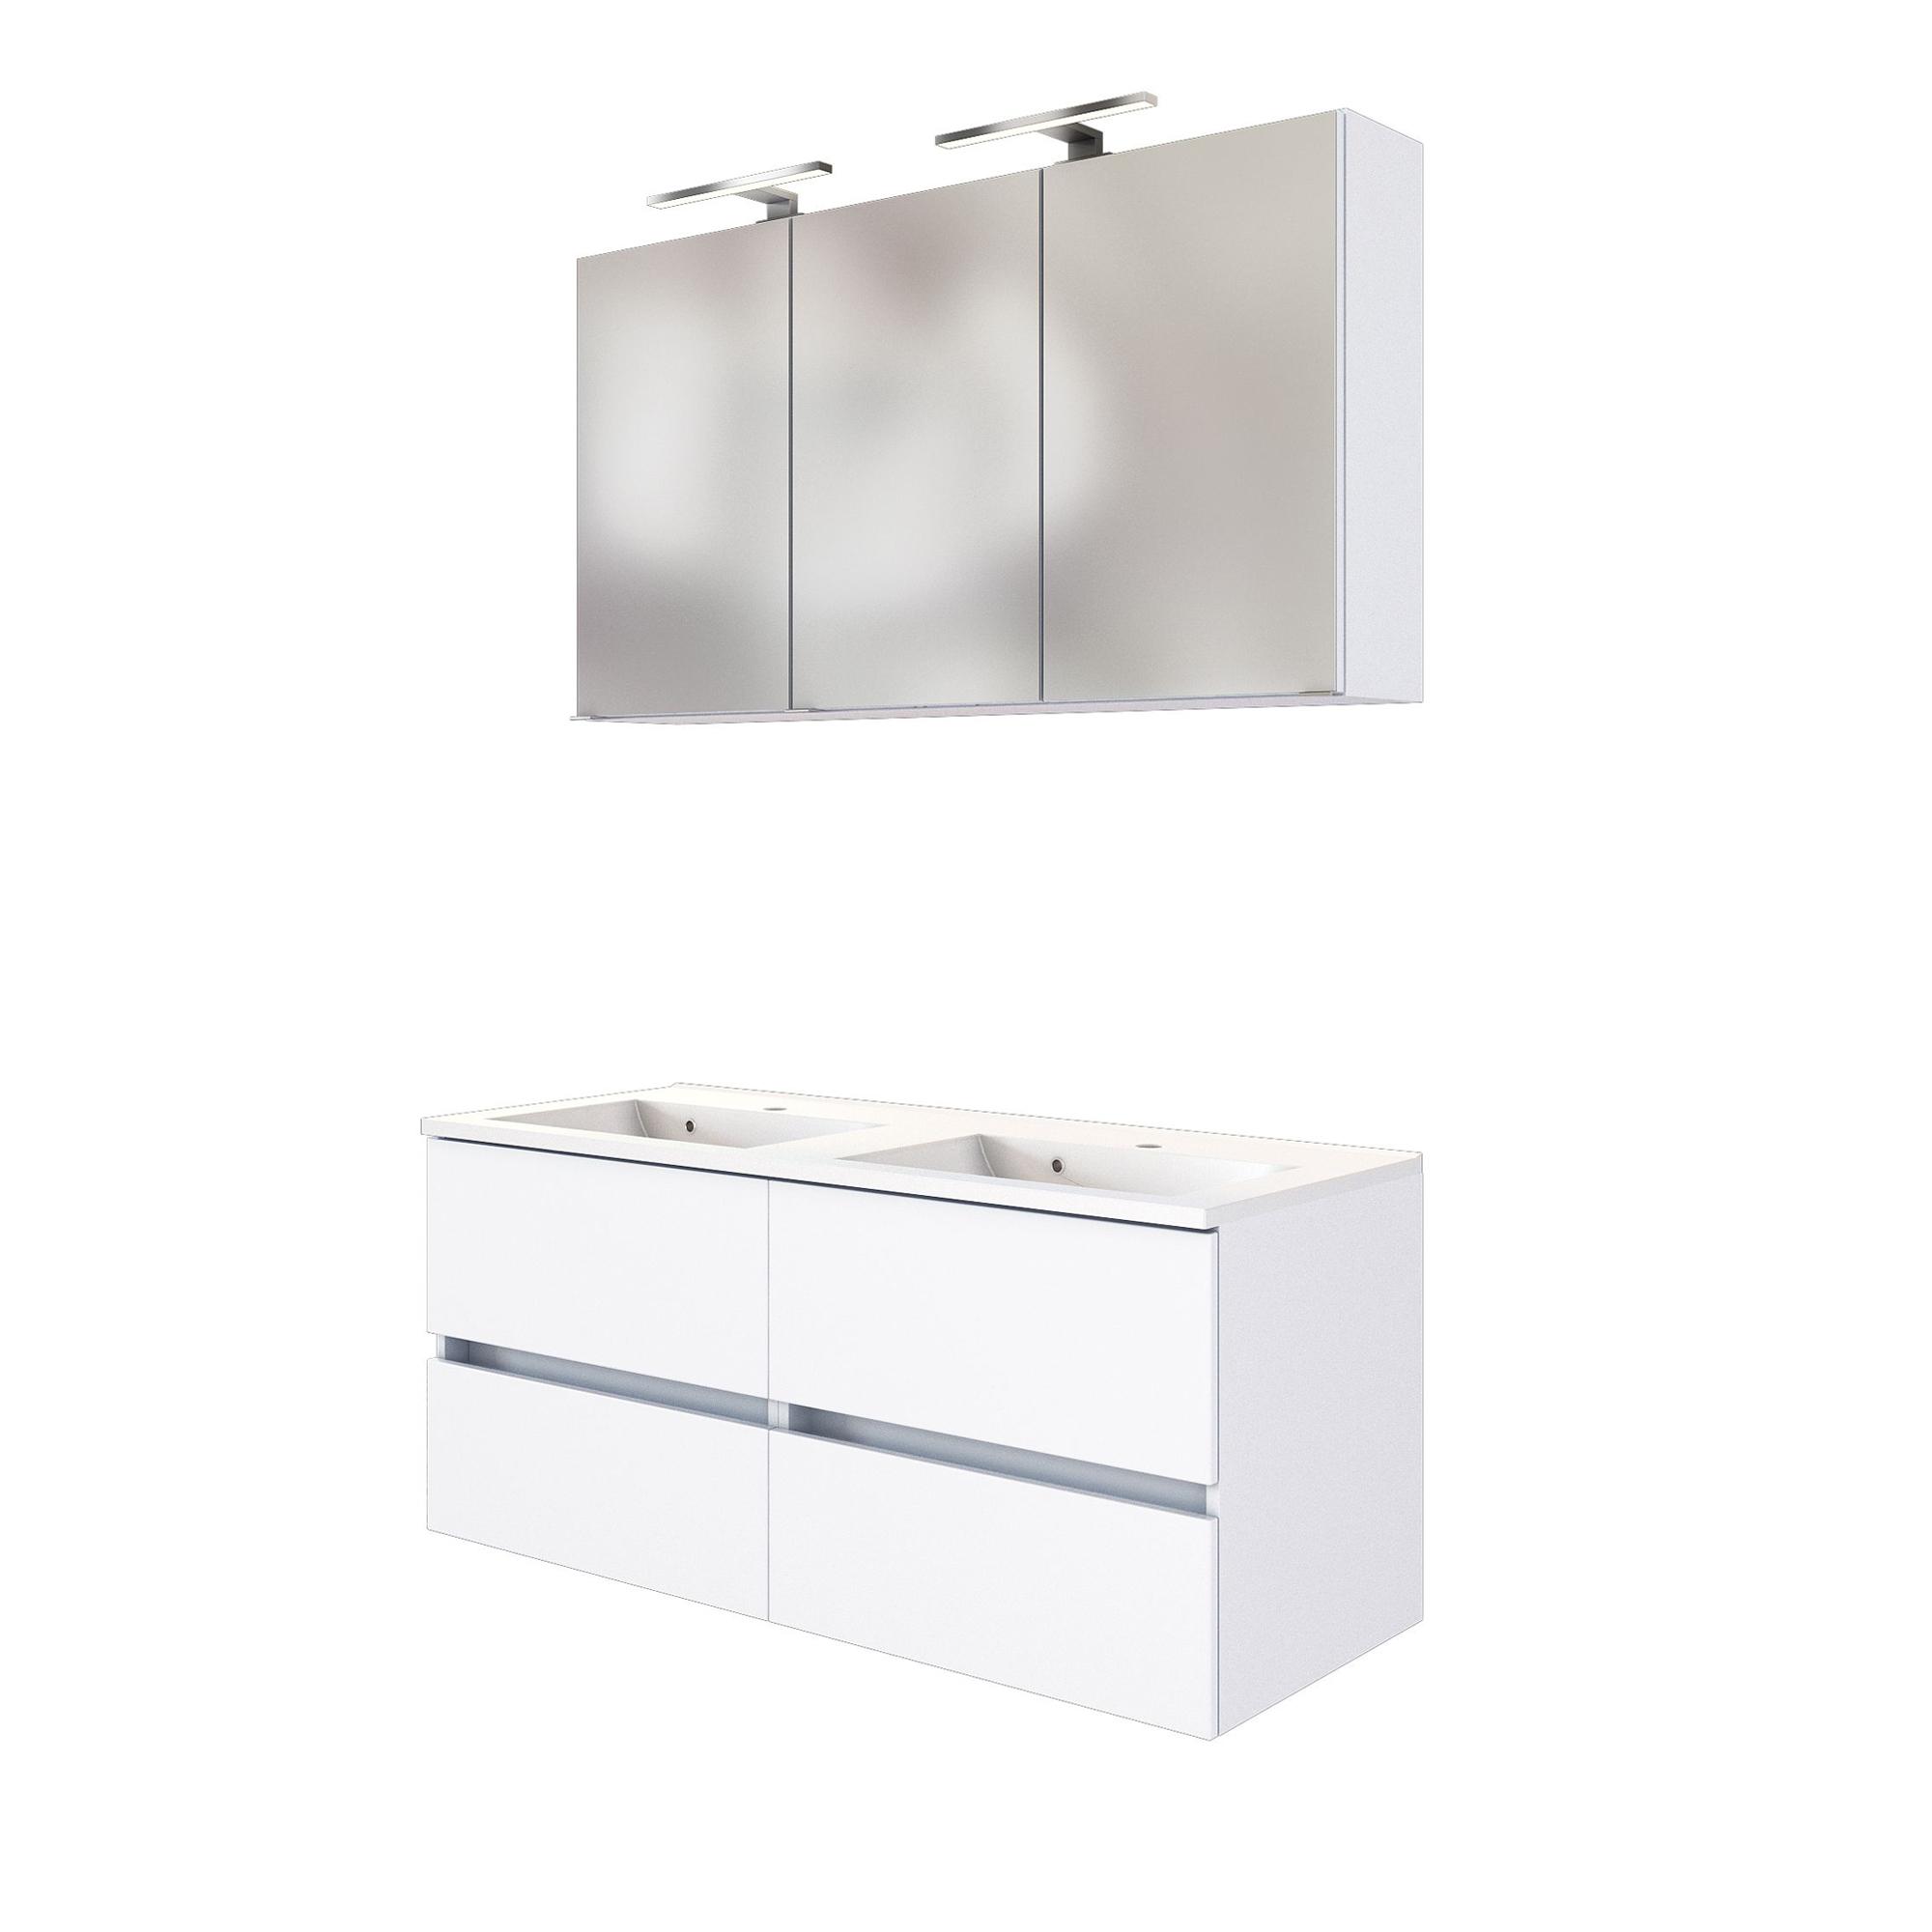 Waschtisch Mit Unterschrank Spiegelschrank Led Lampe Waschplatz